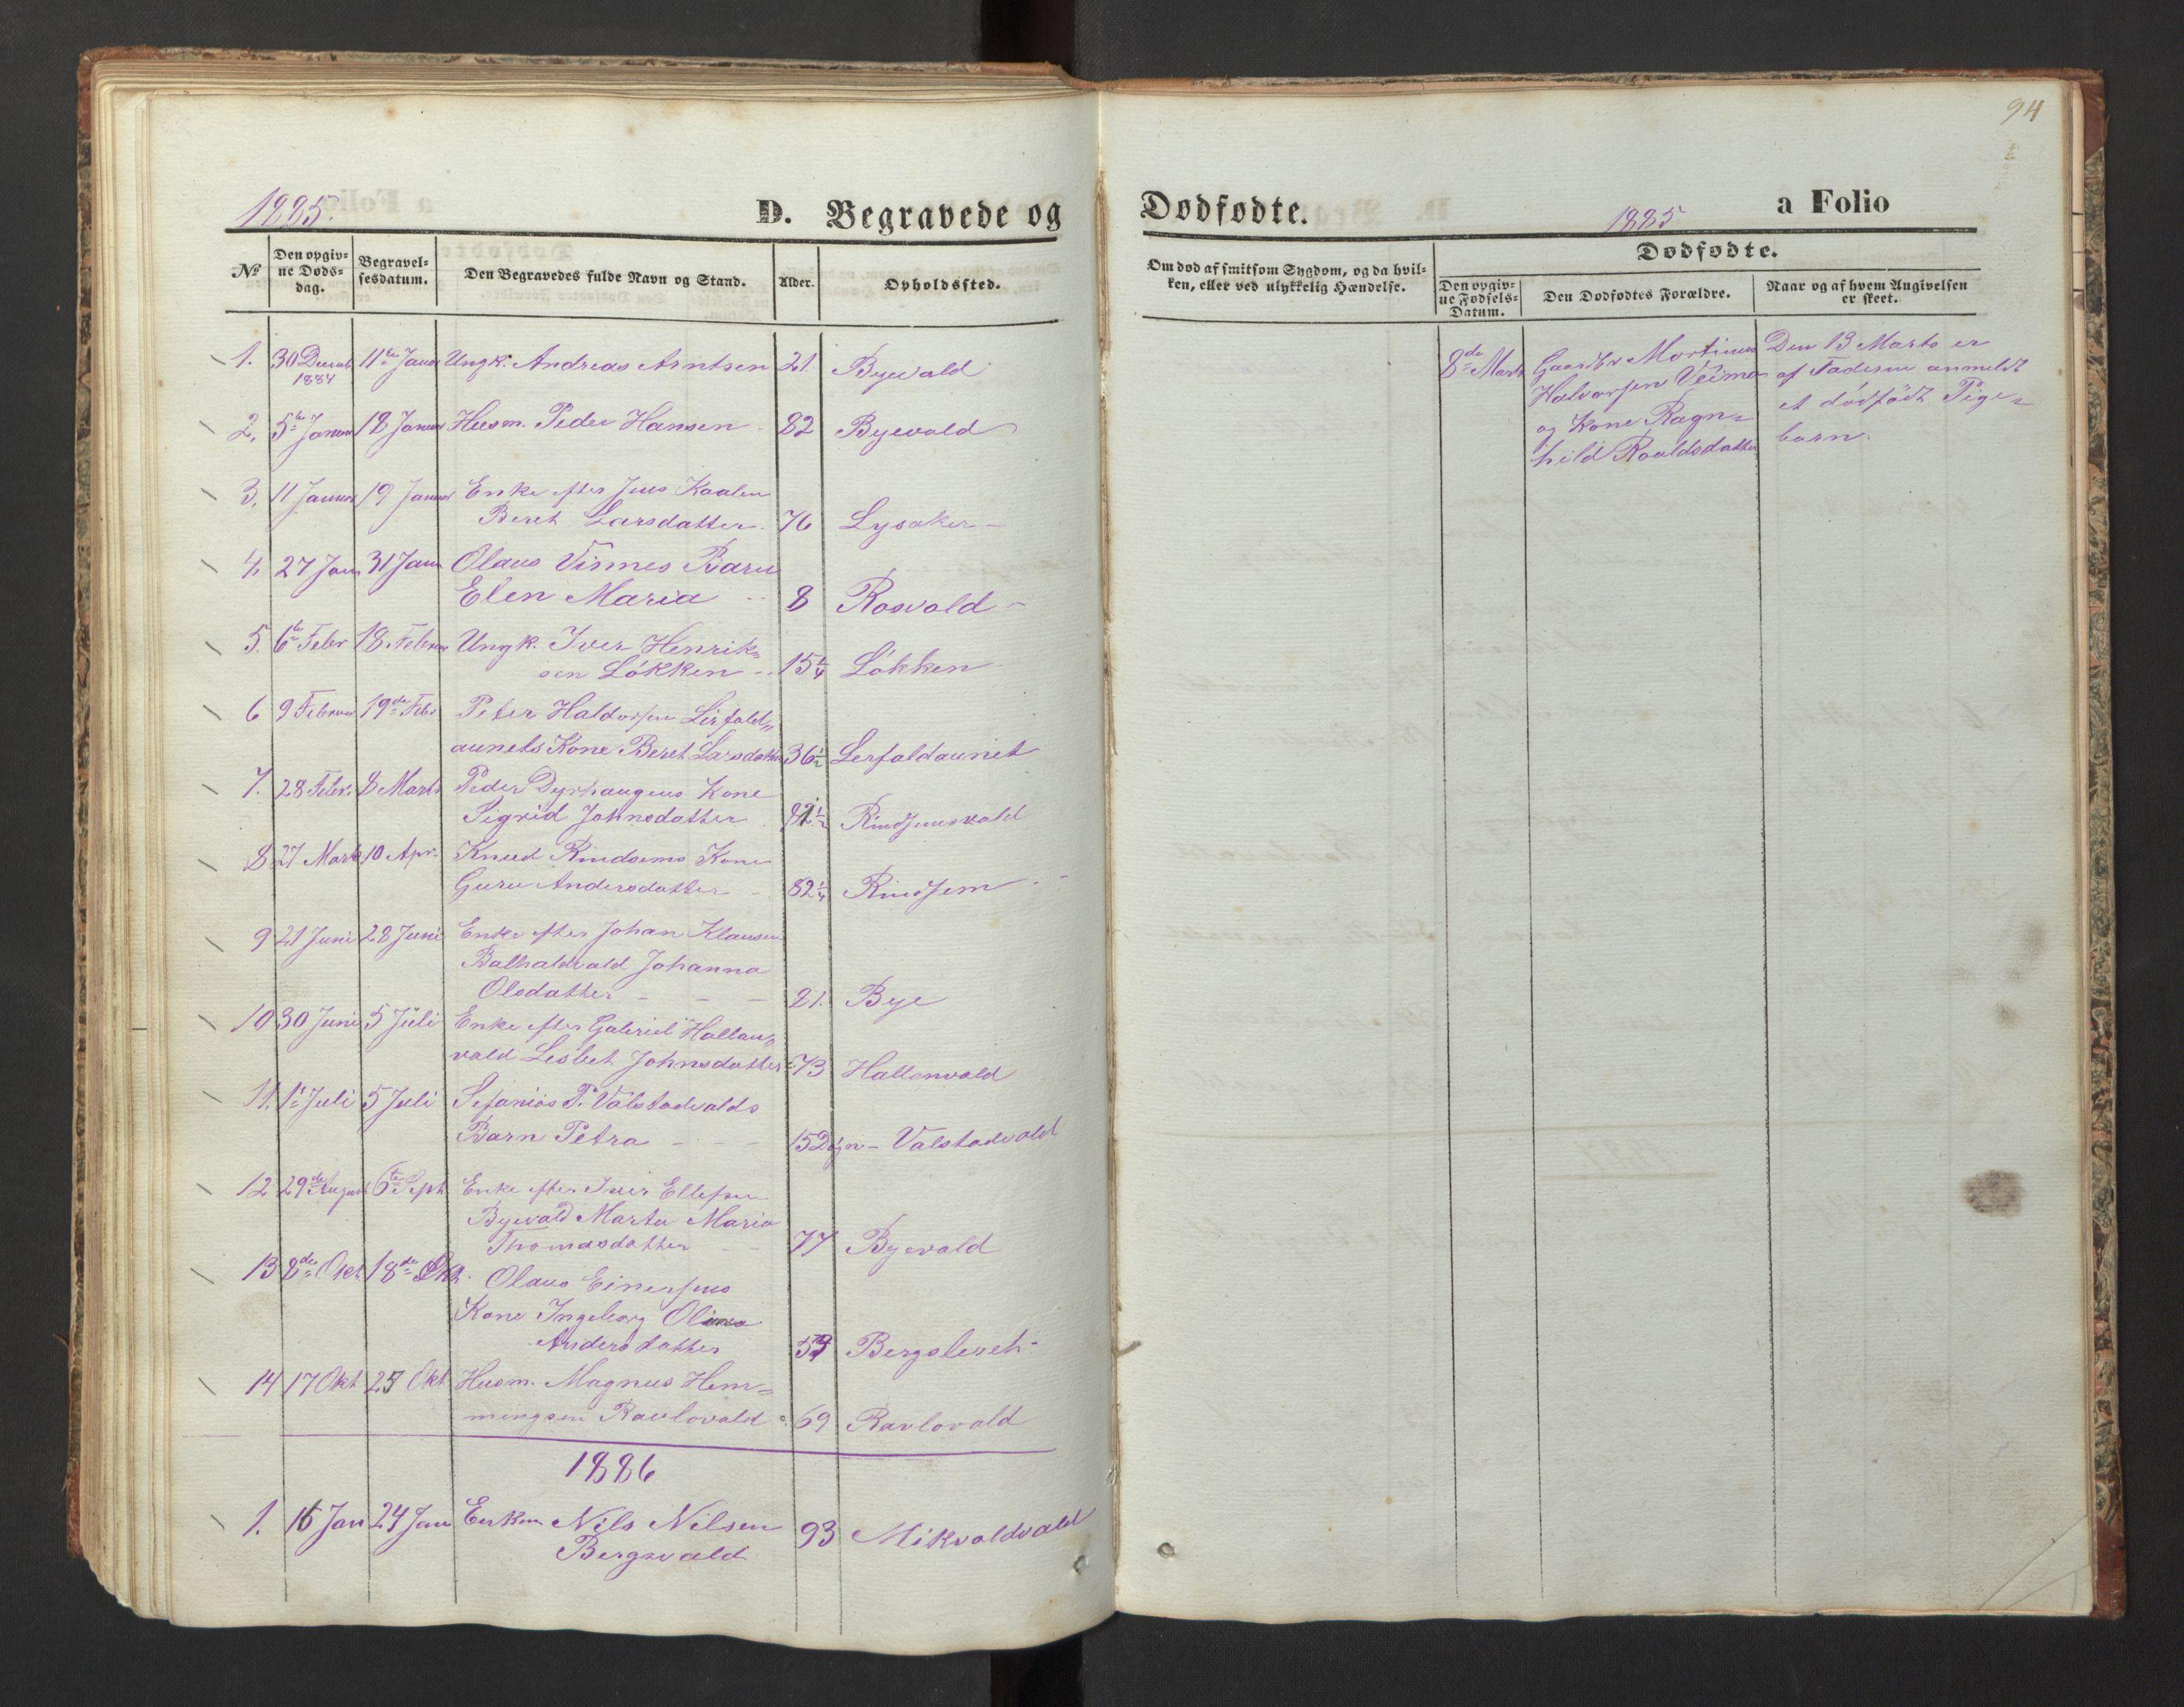 SAT, Ministerialprotokoller, klokkerbøker og fødselsregistre - Nord-Trøndelag, 726/L0271: Klokkerbok nr. 726C02, 1869-1897, s. 94